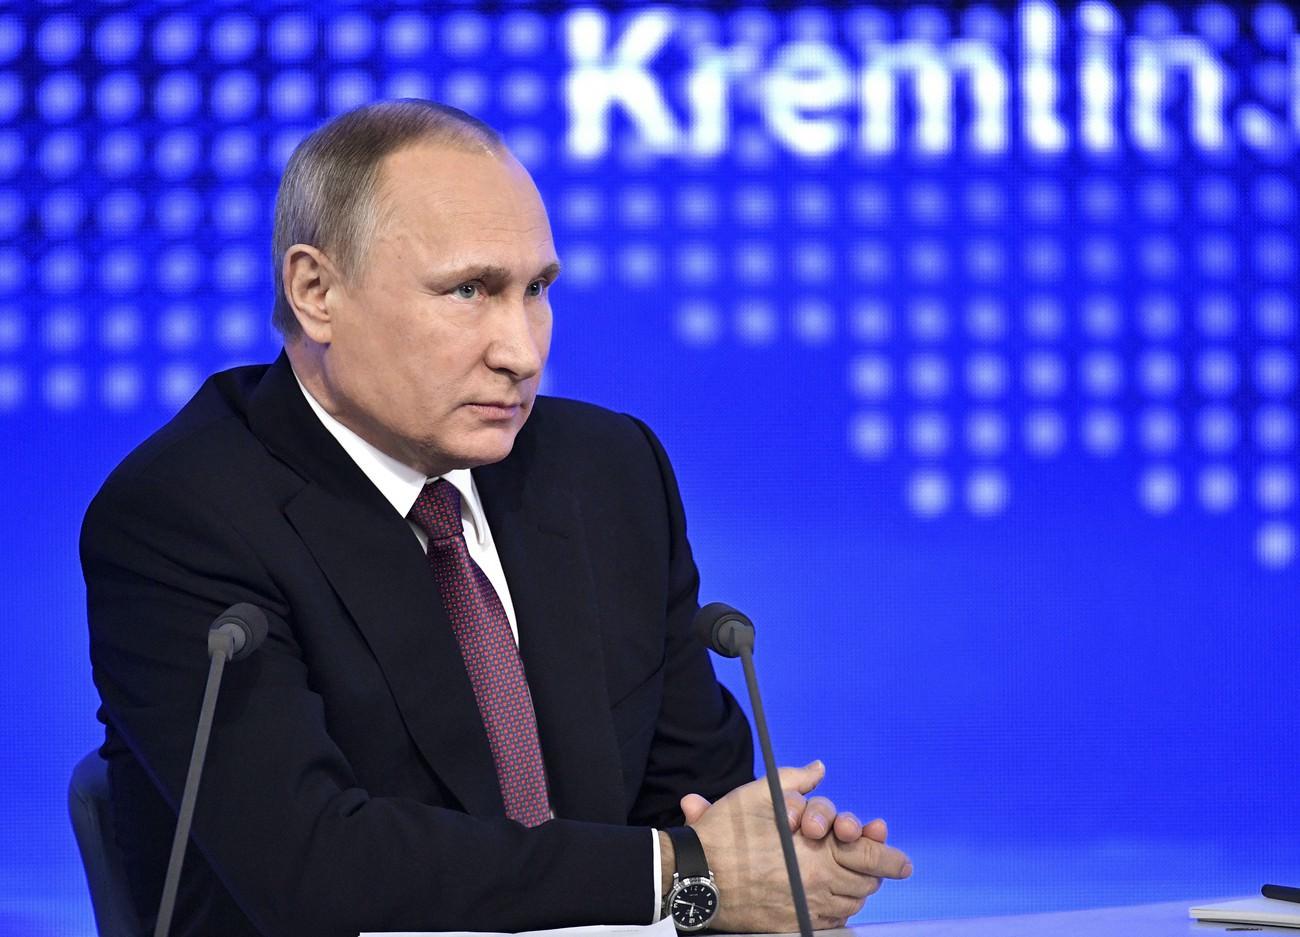 Quelques grandes lignes de la conférence de presse annuelle du président russe Vladimir Poutine